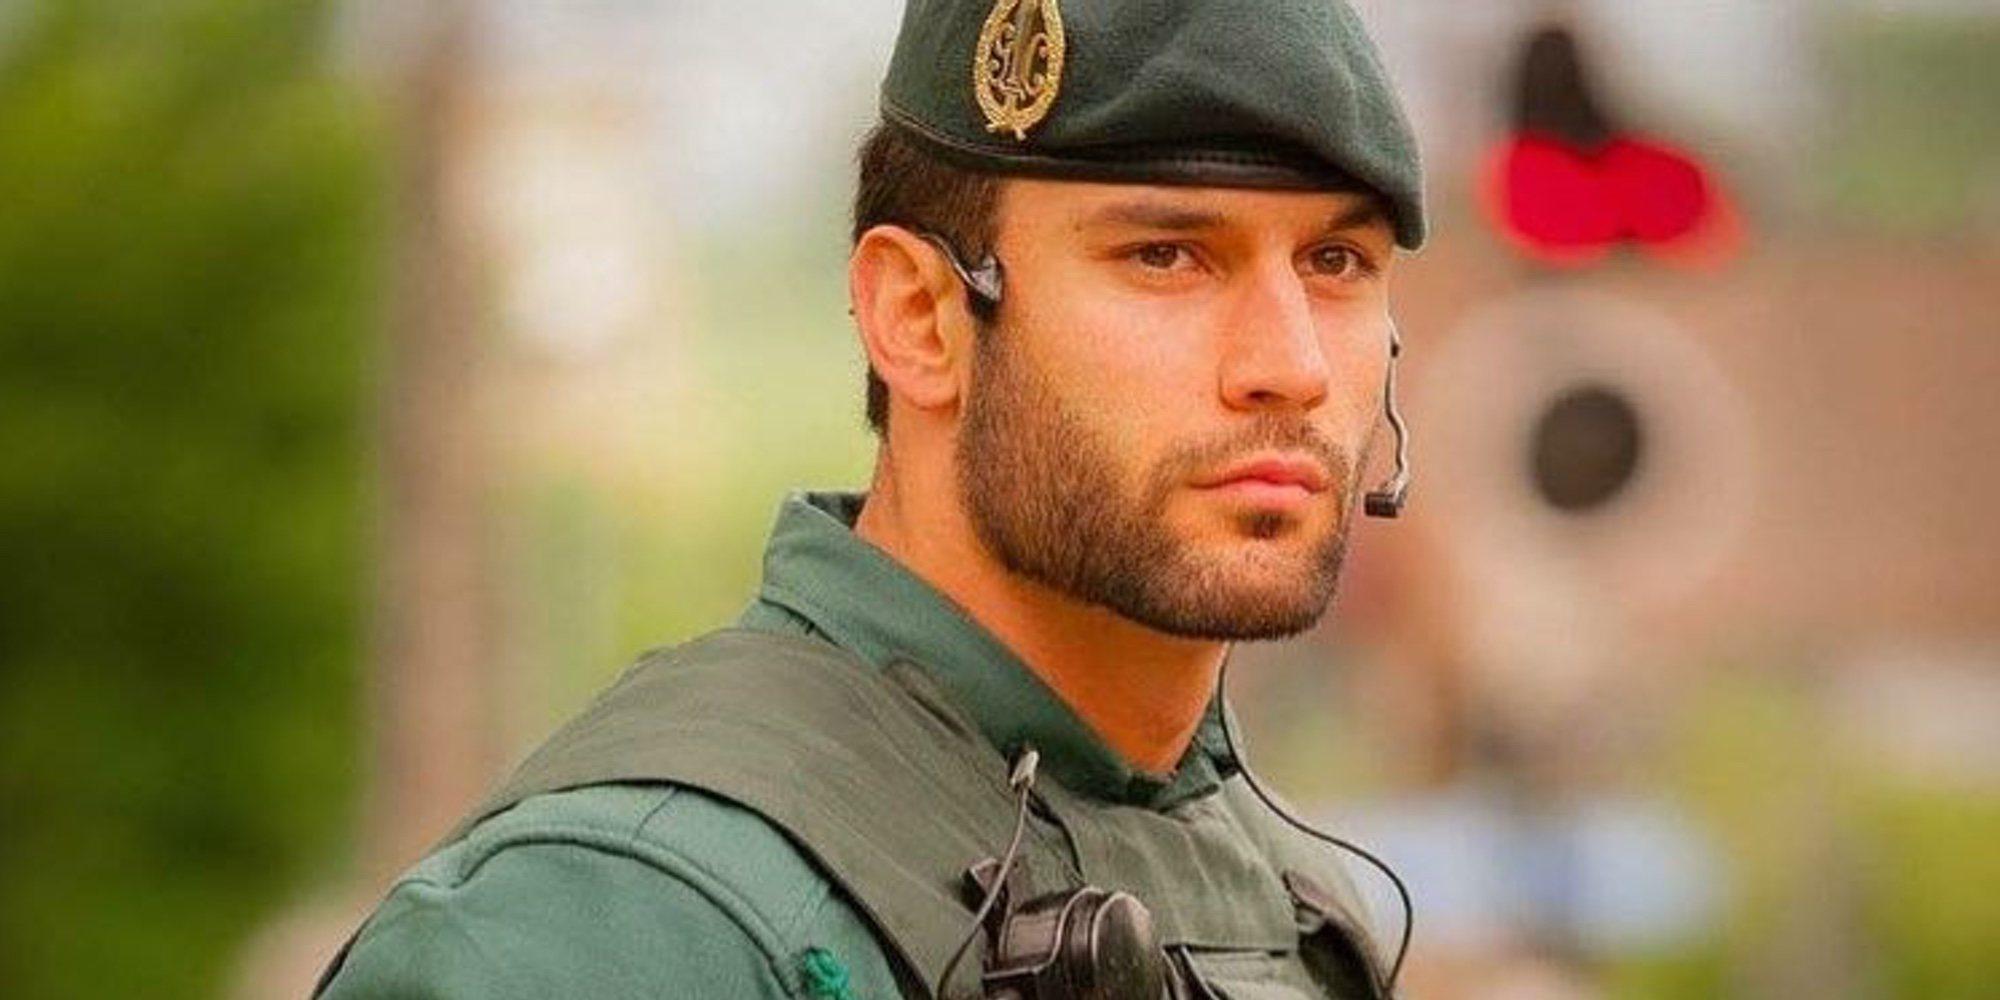 Jorge Pérez, el Guardia Civil más guapo de España, décimo concursante confirmado de 'Supervivientes 2020'